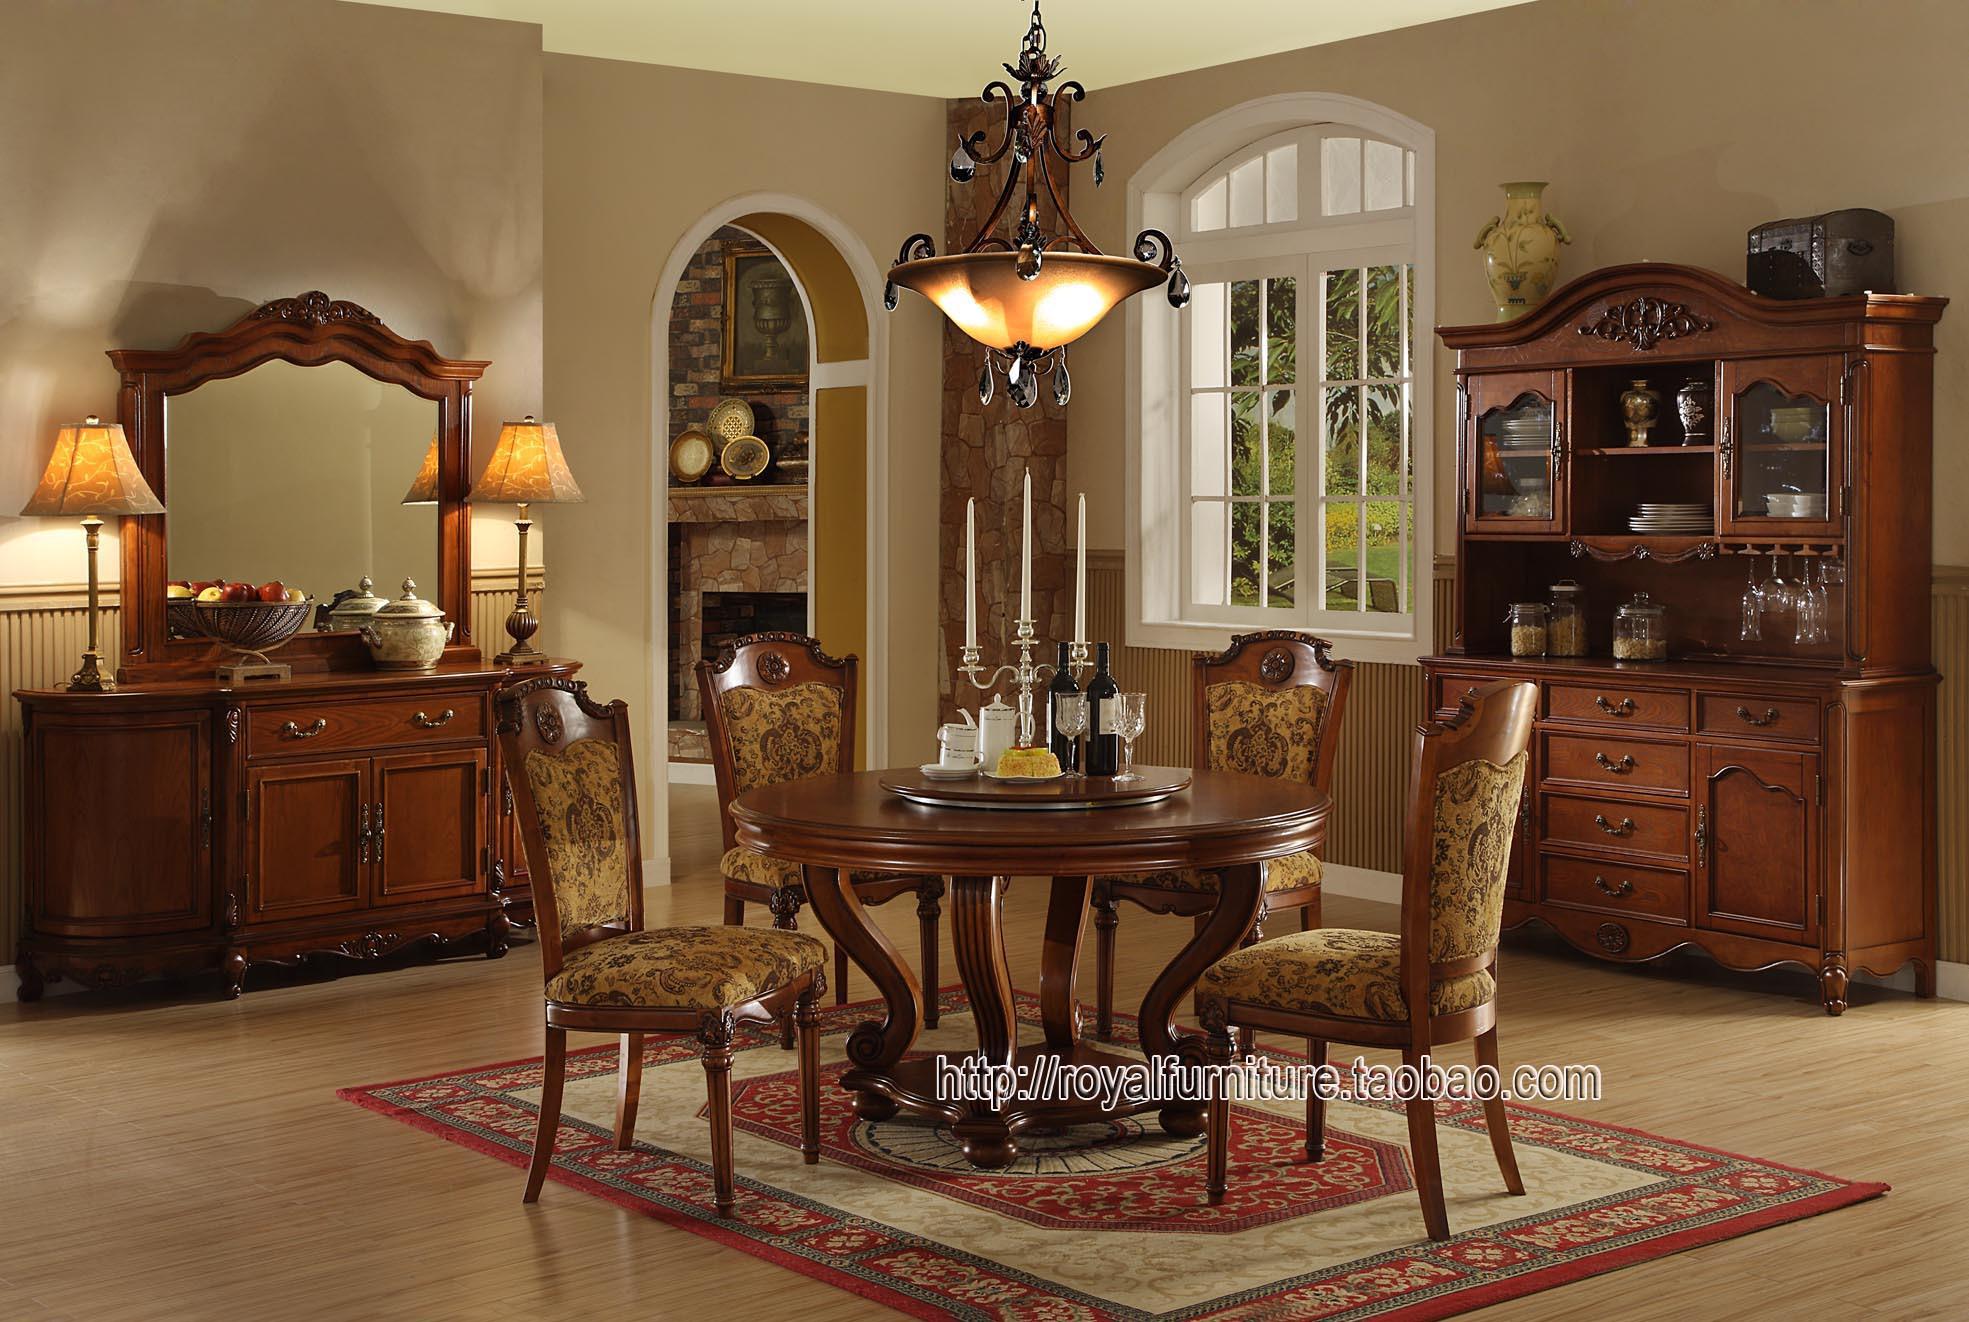 Континентальный американский дерево классическая вилла мебель магазин ★ FW81-3 круглый обеденный стол тайвань акции 3180 юань .